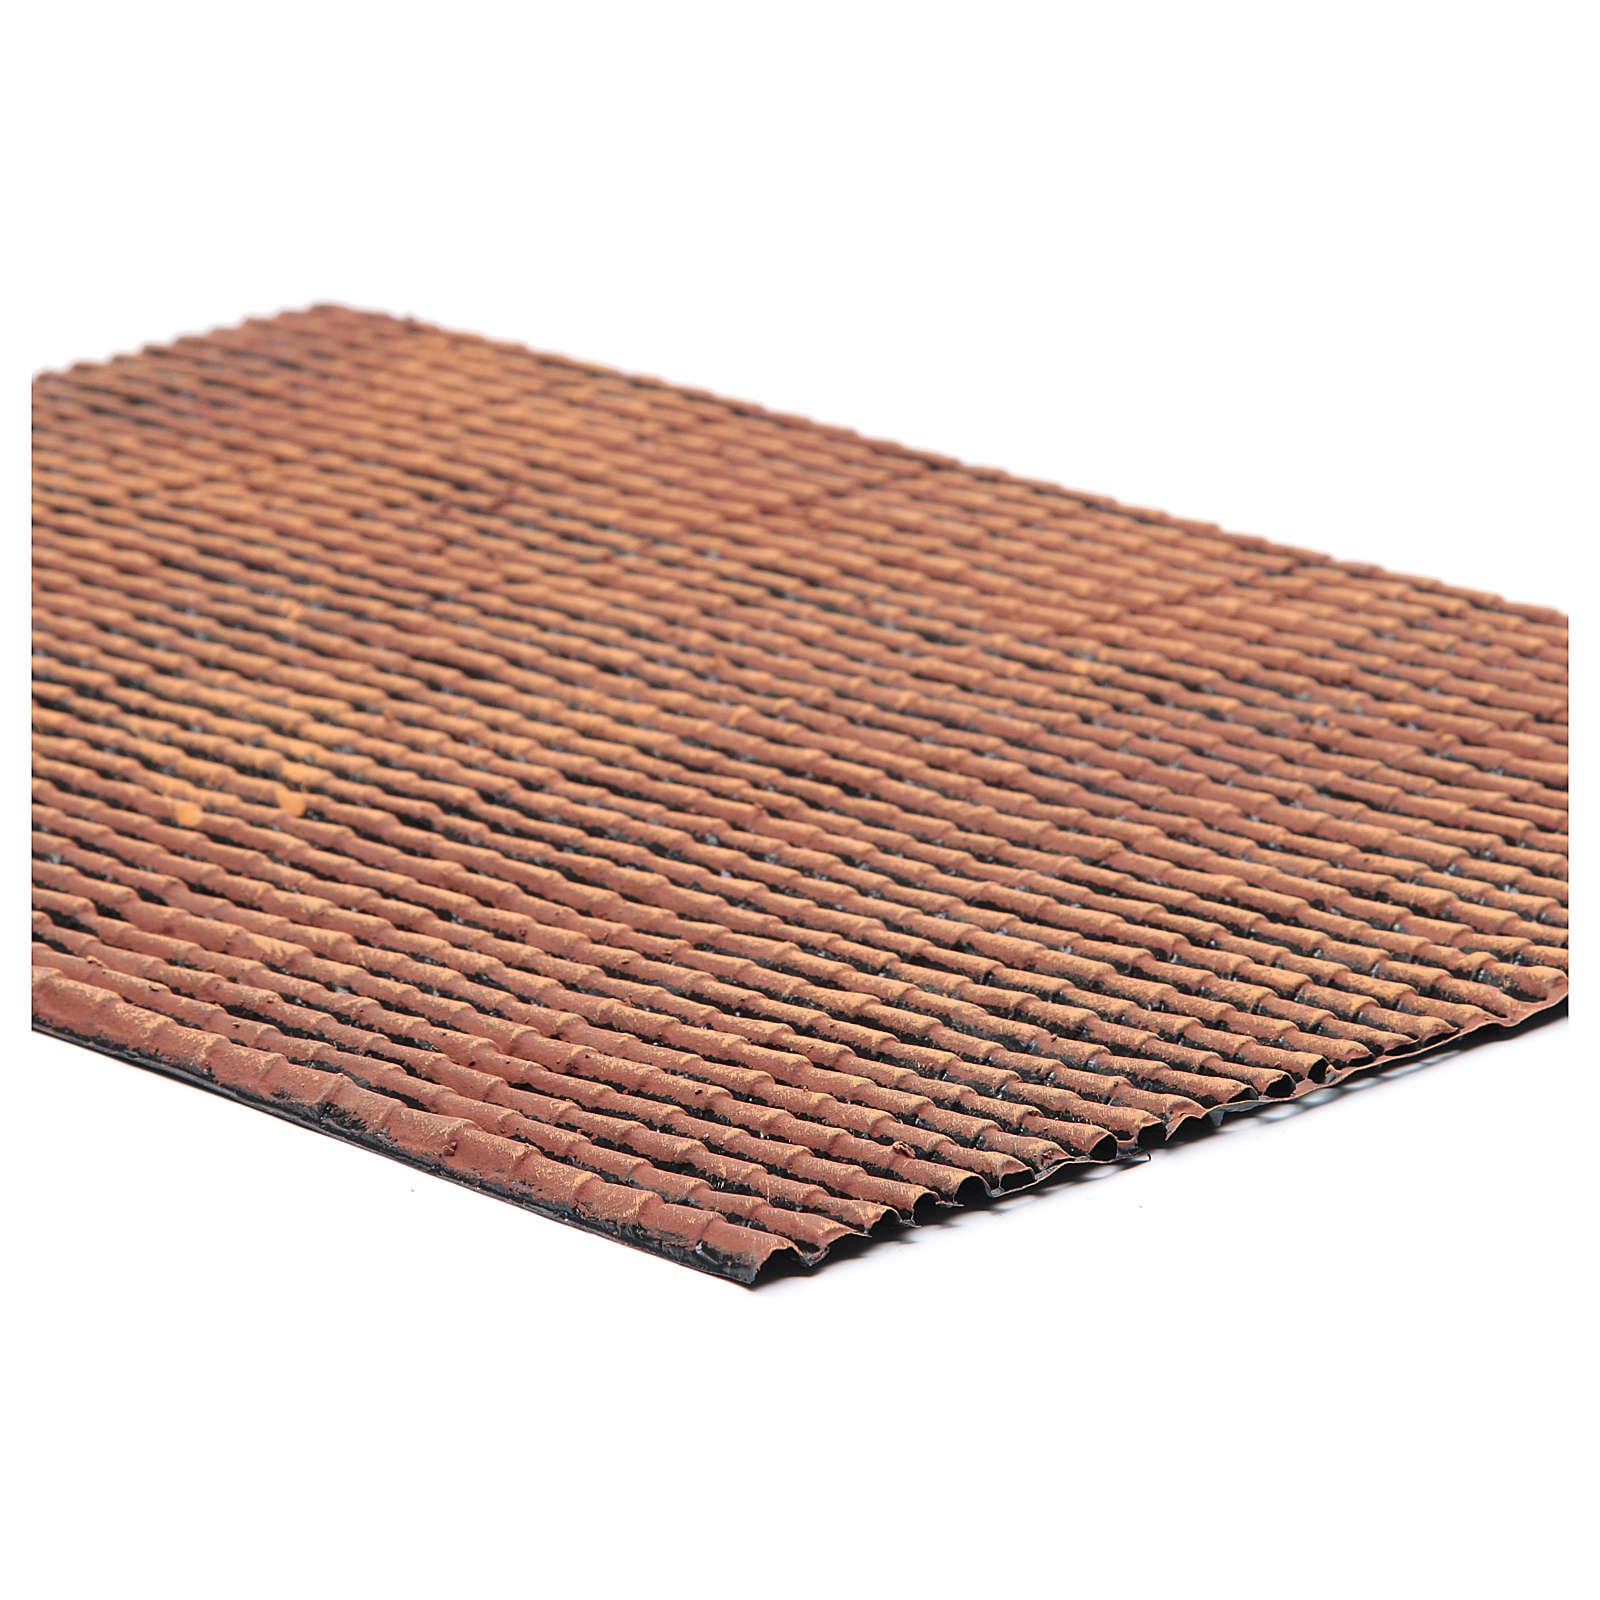 Panel de plástico para techo con tejas de color rojo degradado dim. 50x30 4